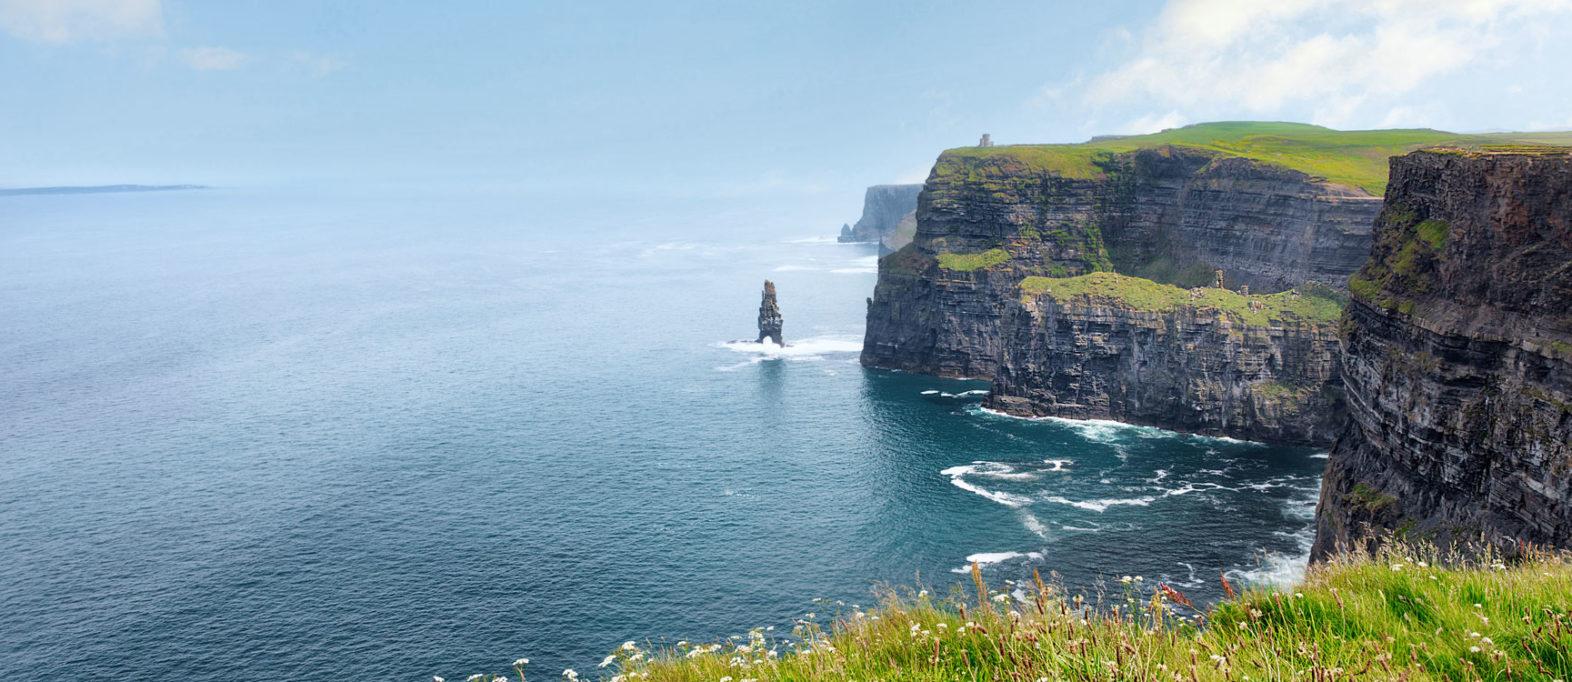 Irland Urlaub: Tipps, Infos und die schönsten Reiseziele